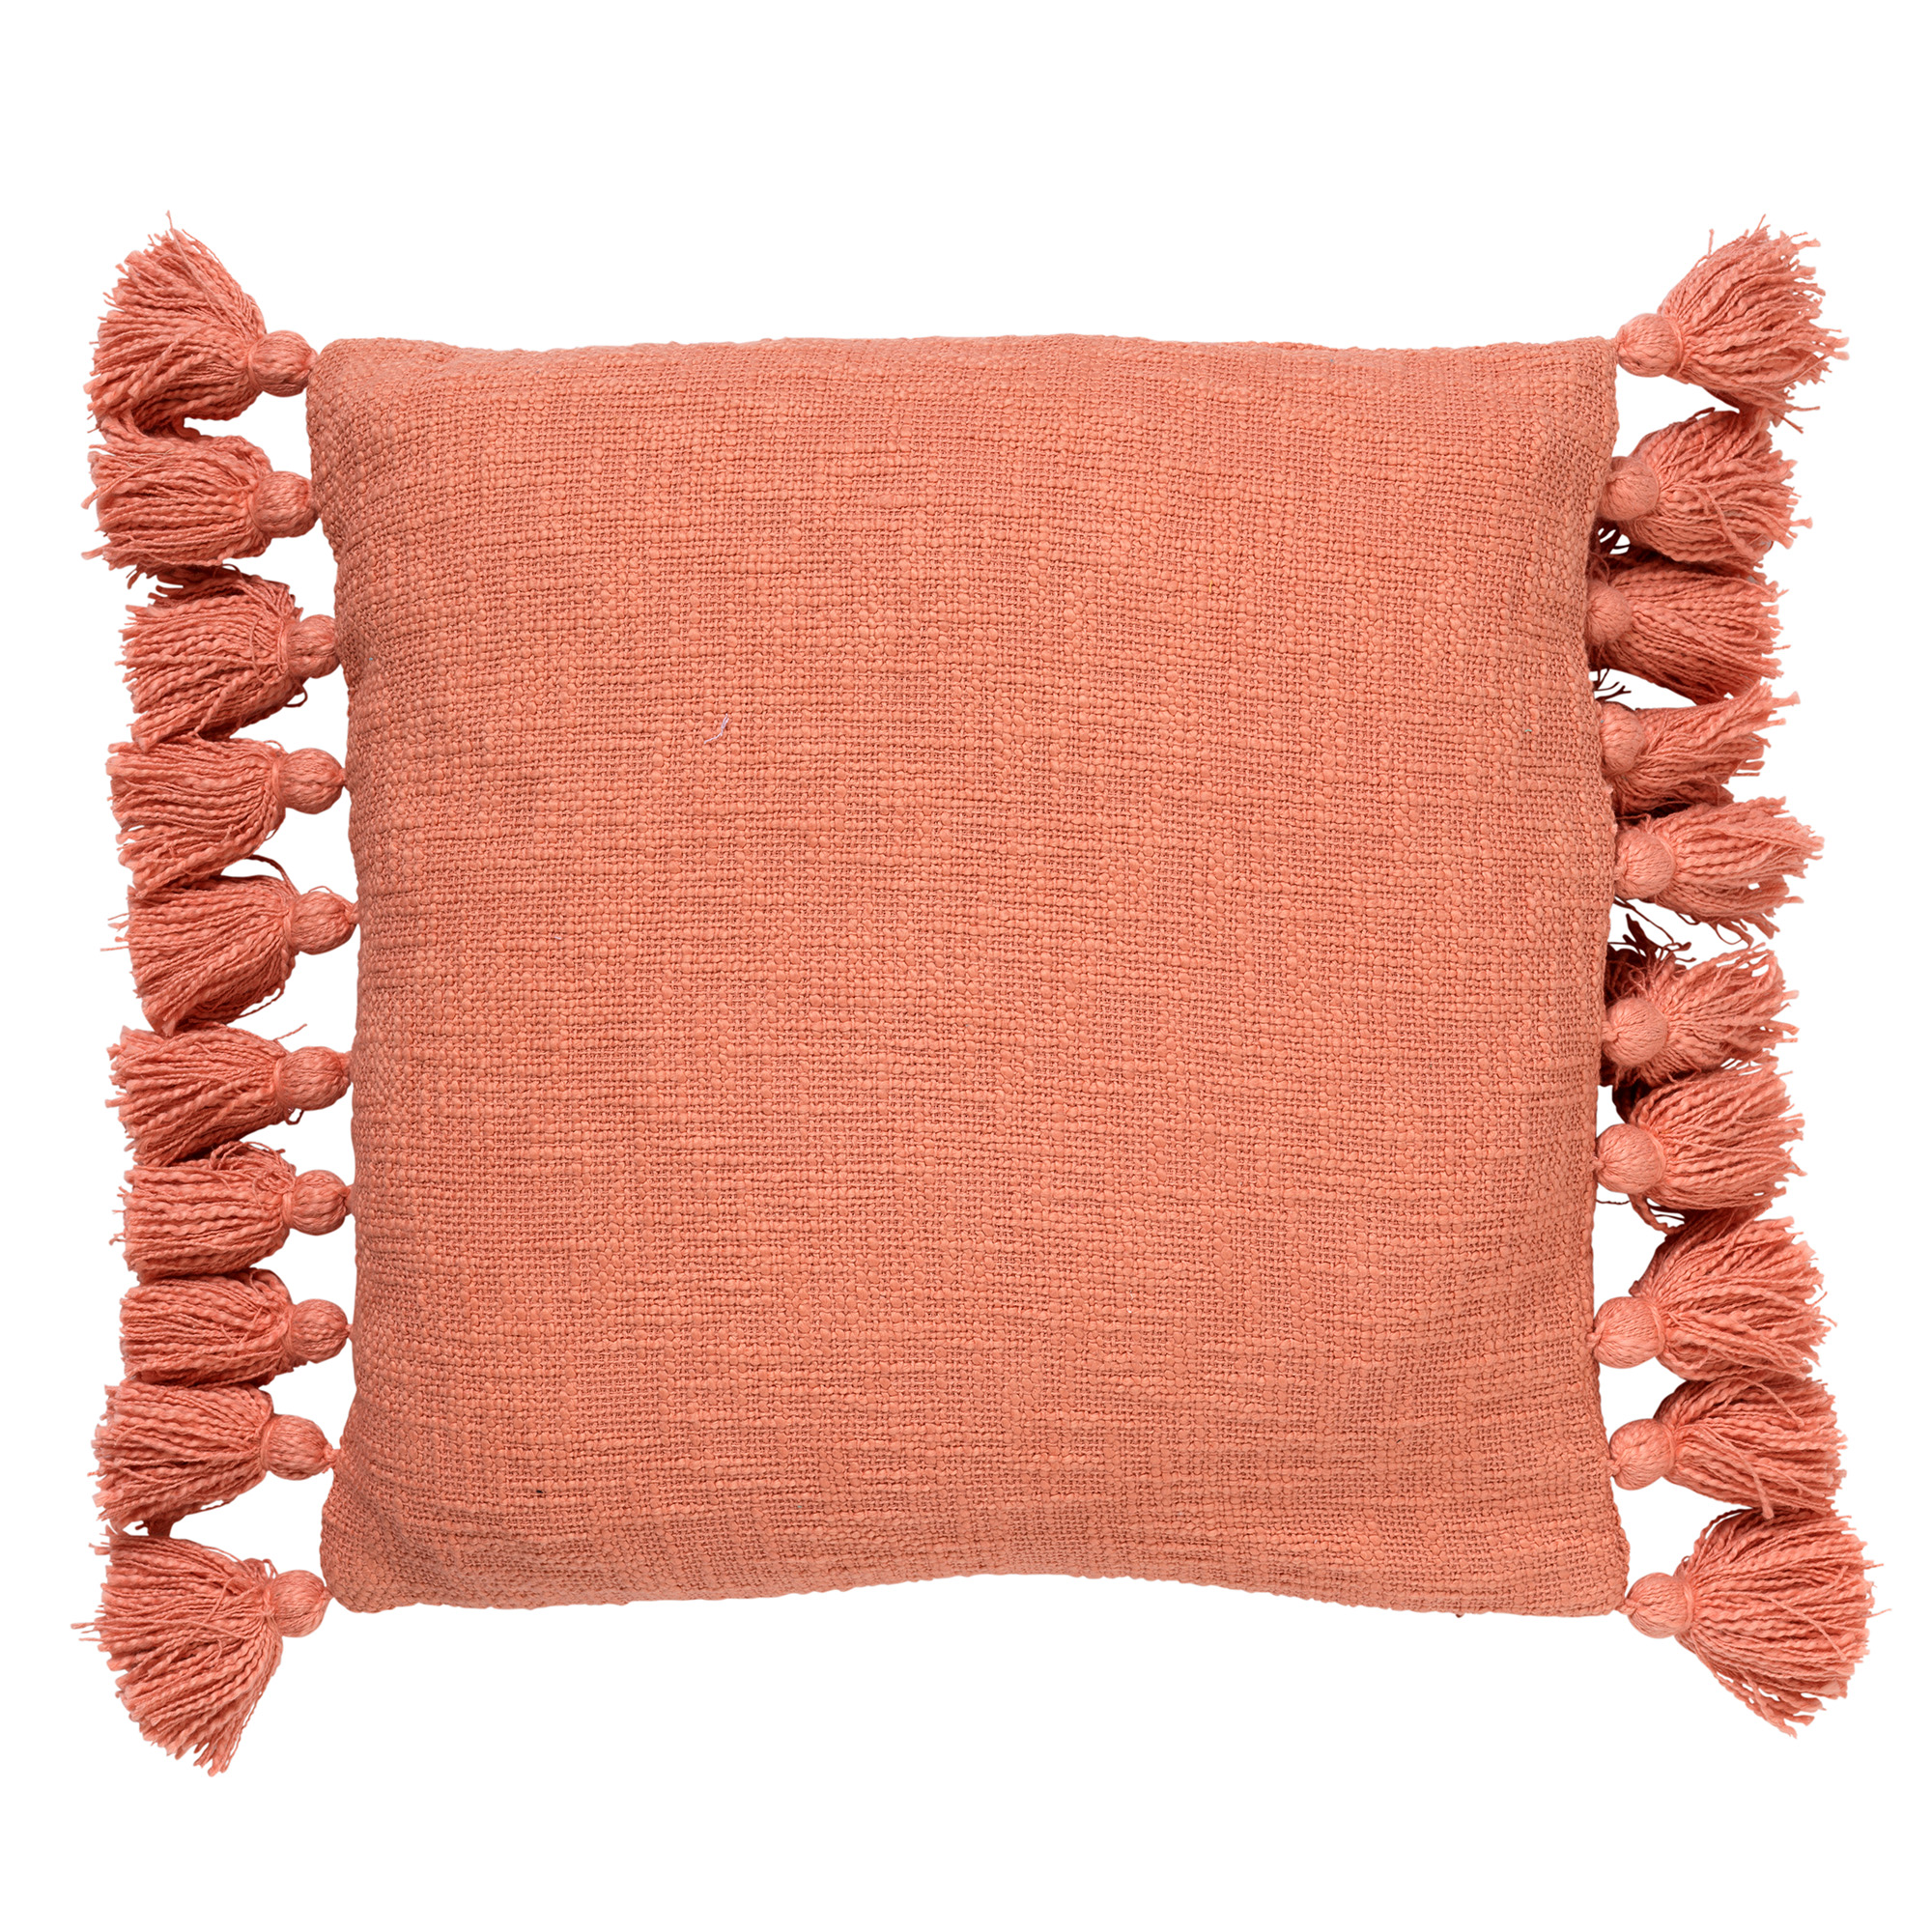 Housse de coussin en coton Rose saumon 45x45